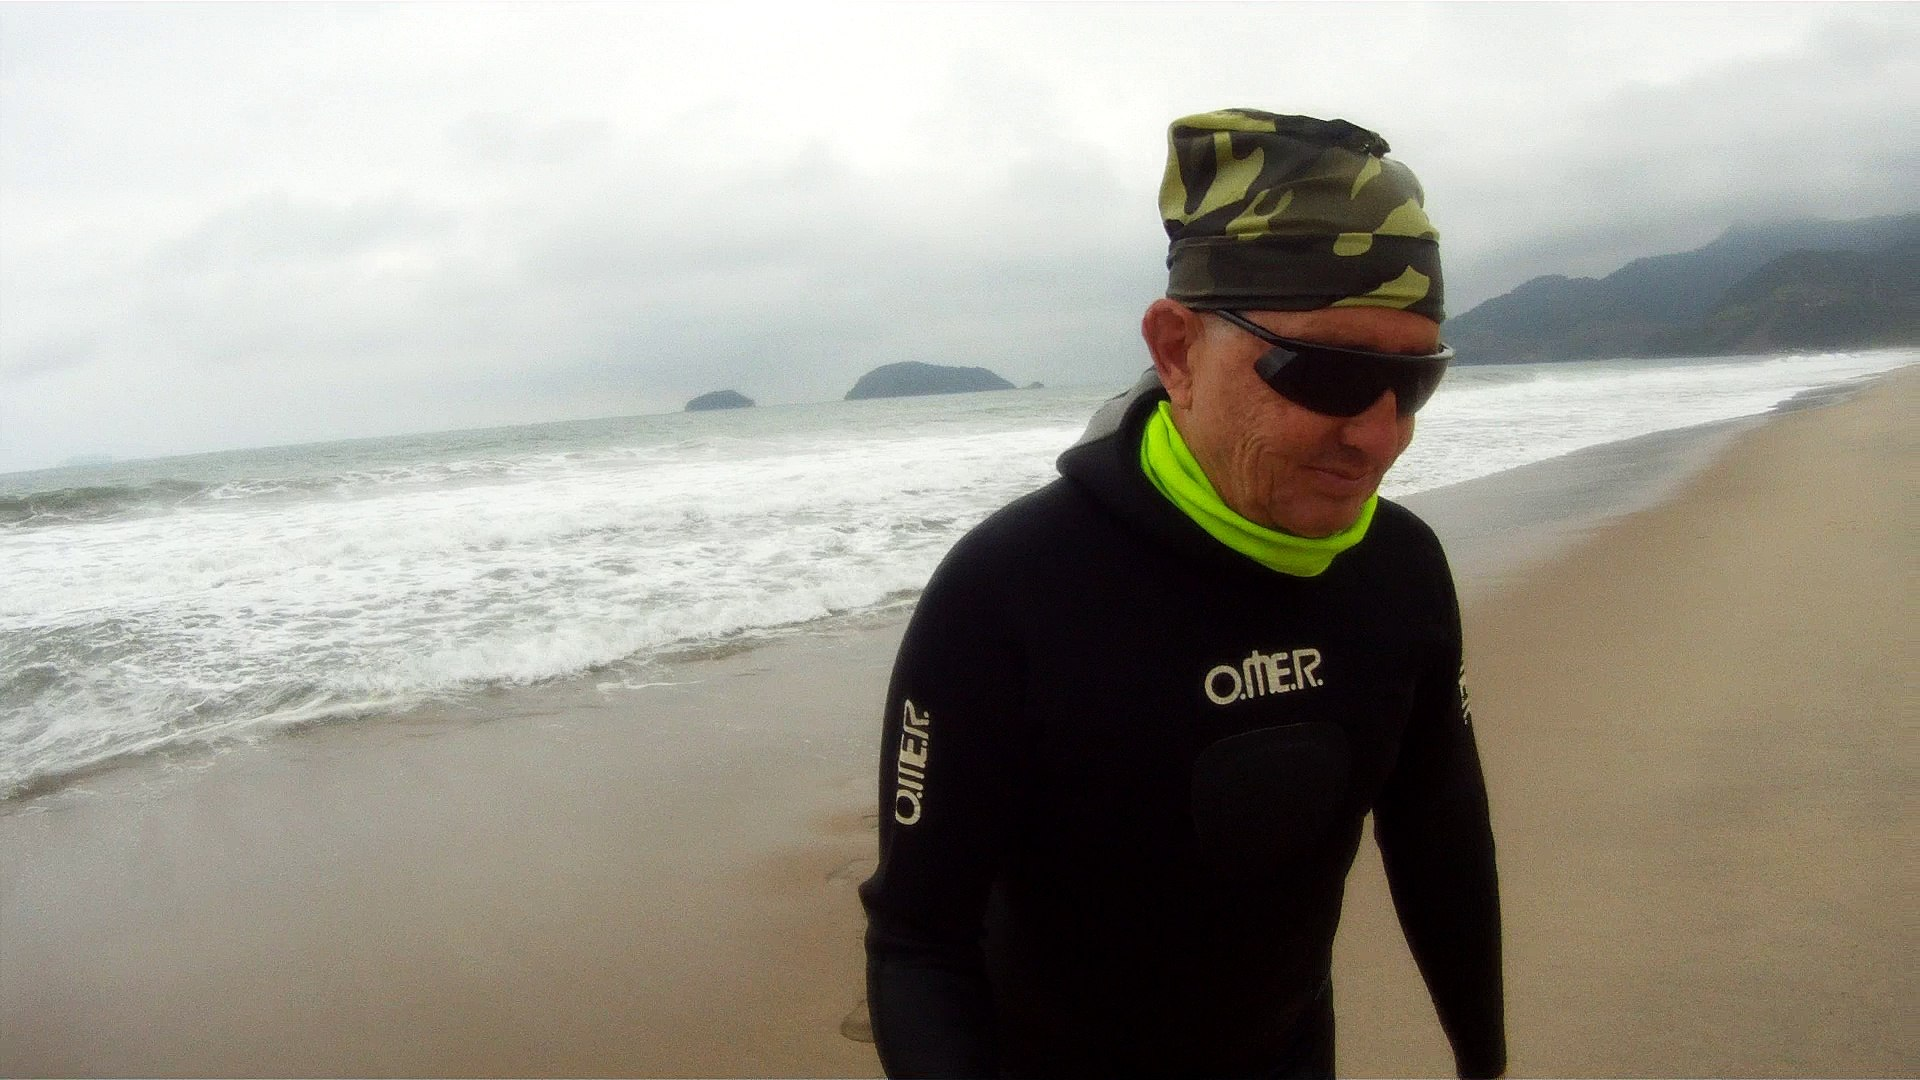 Passeio, mergulhando ao Paraíso Ecológico do Rio Puruba, Rio Quiririm, Litoral Norte de Ubatuba, Mar